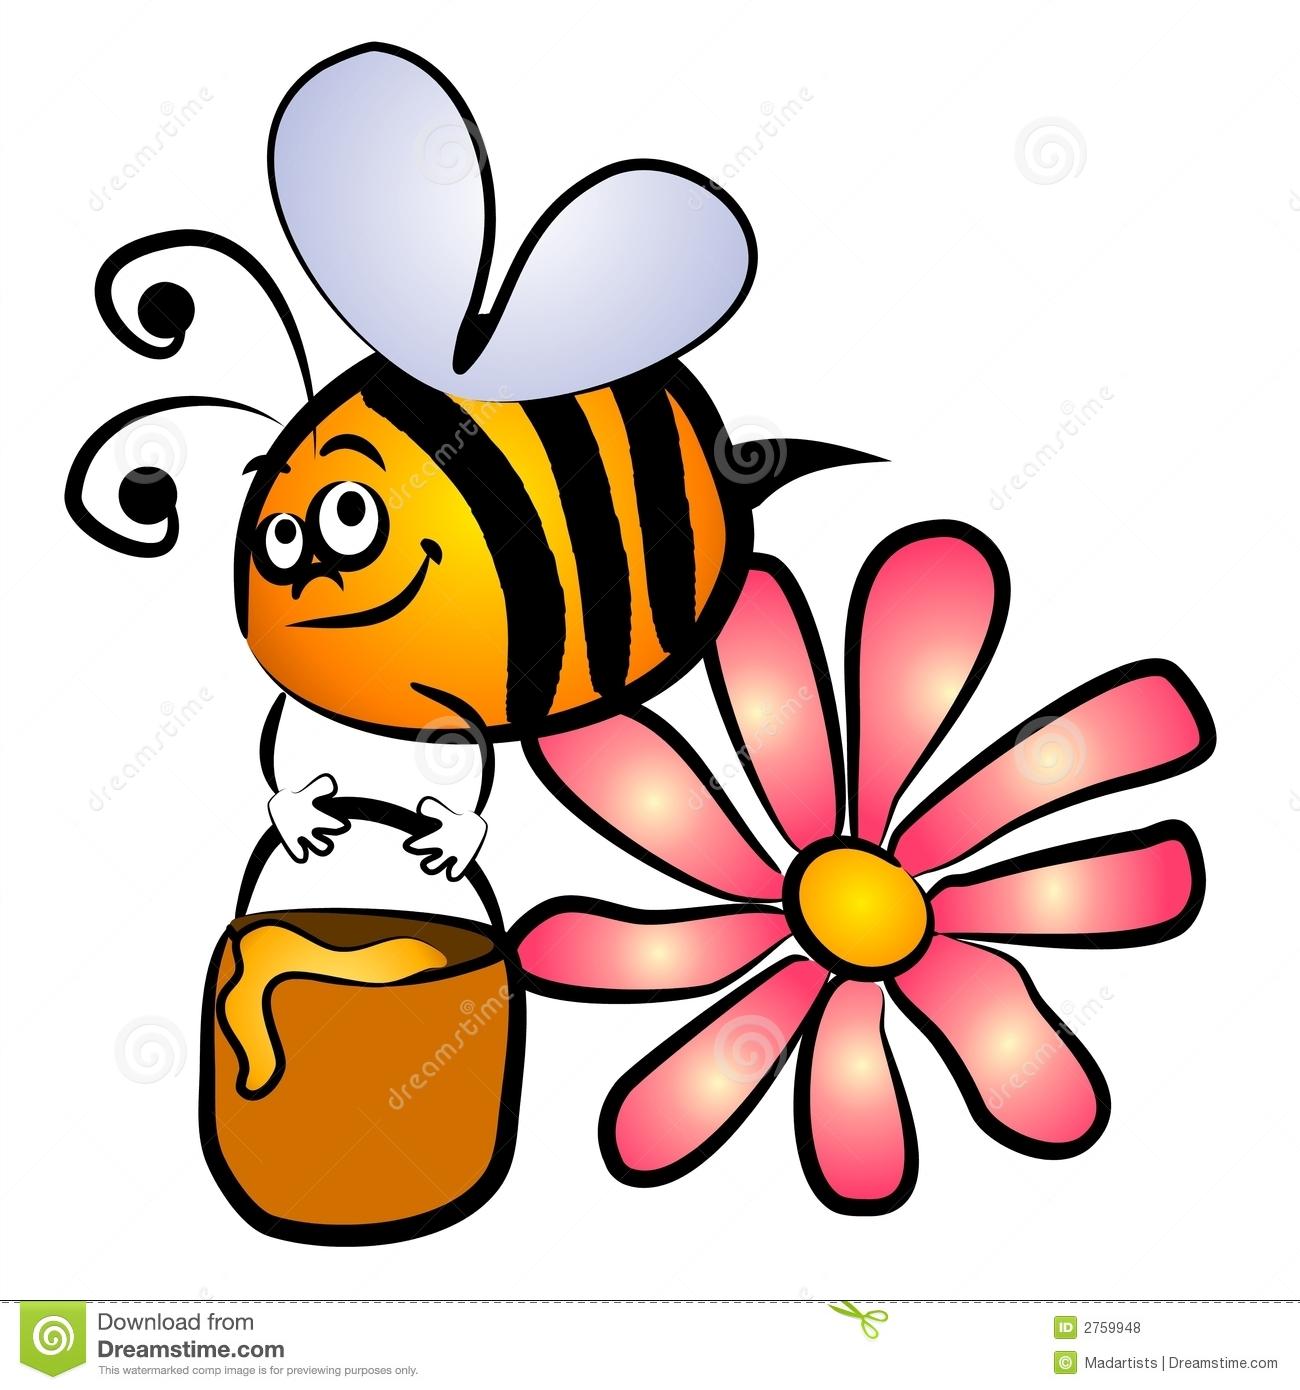 clipart honey - photo #37